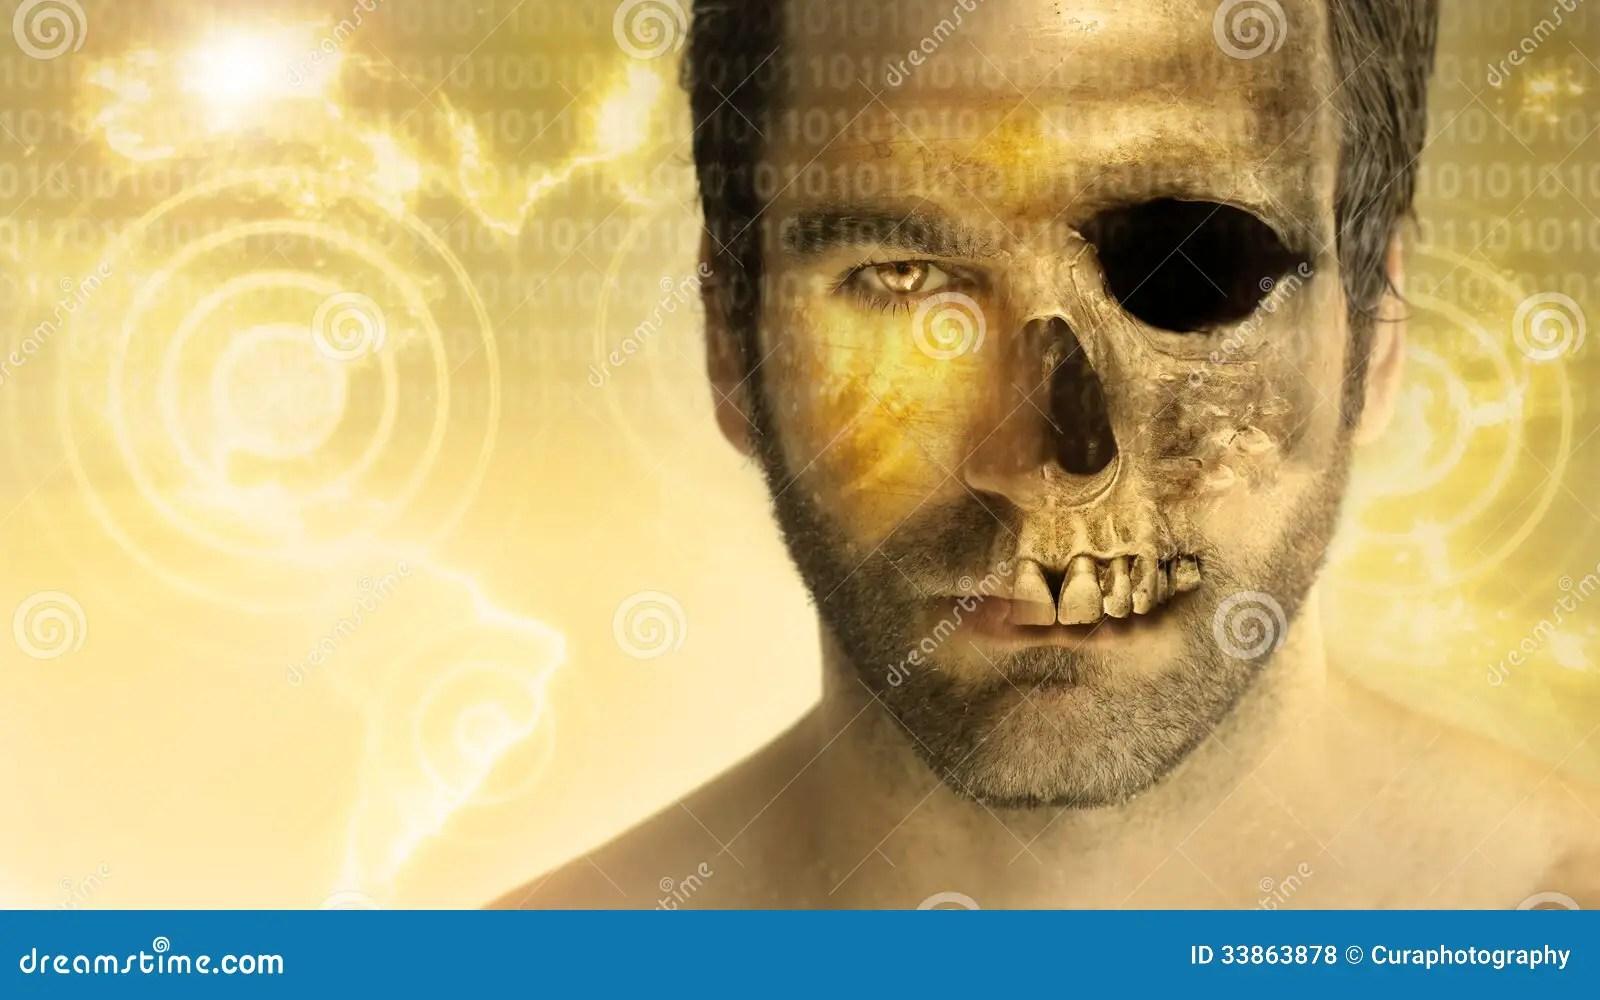 Man Skull Royalty Free Stock Photos